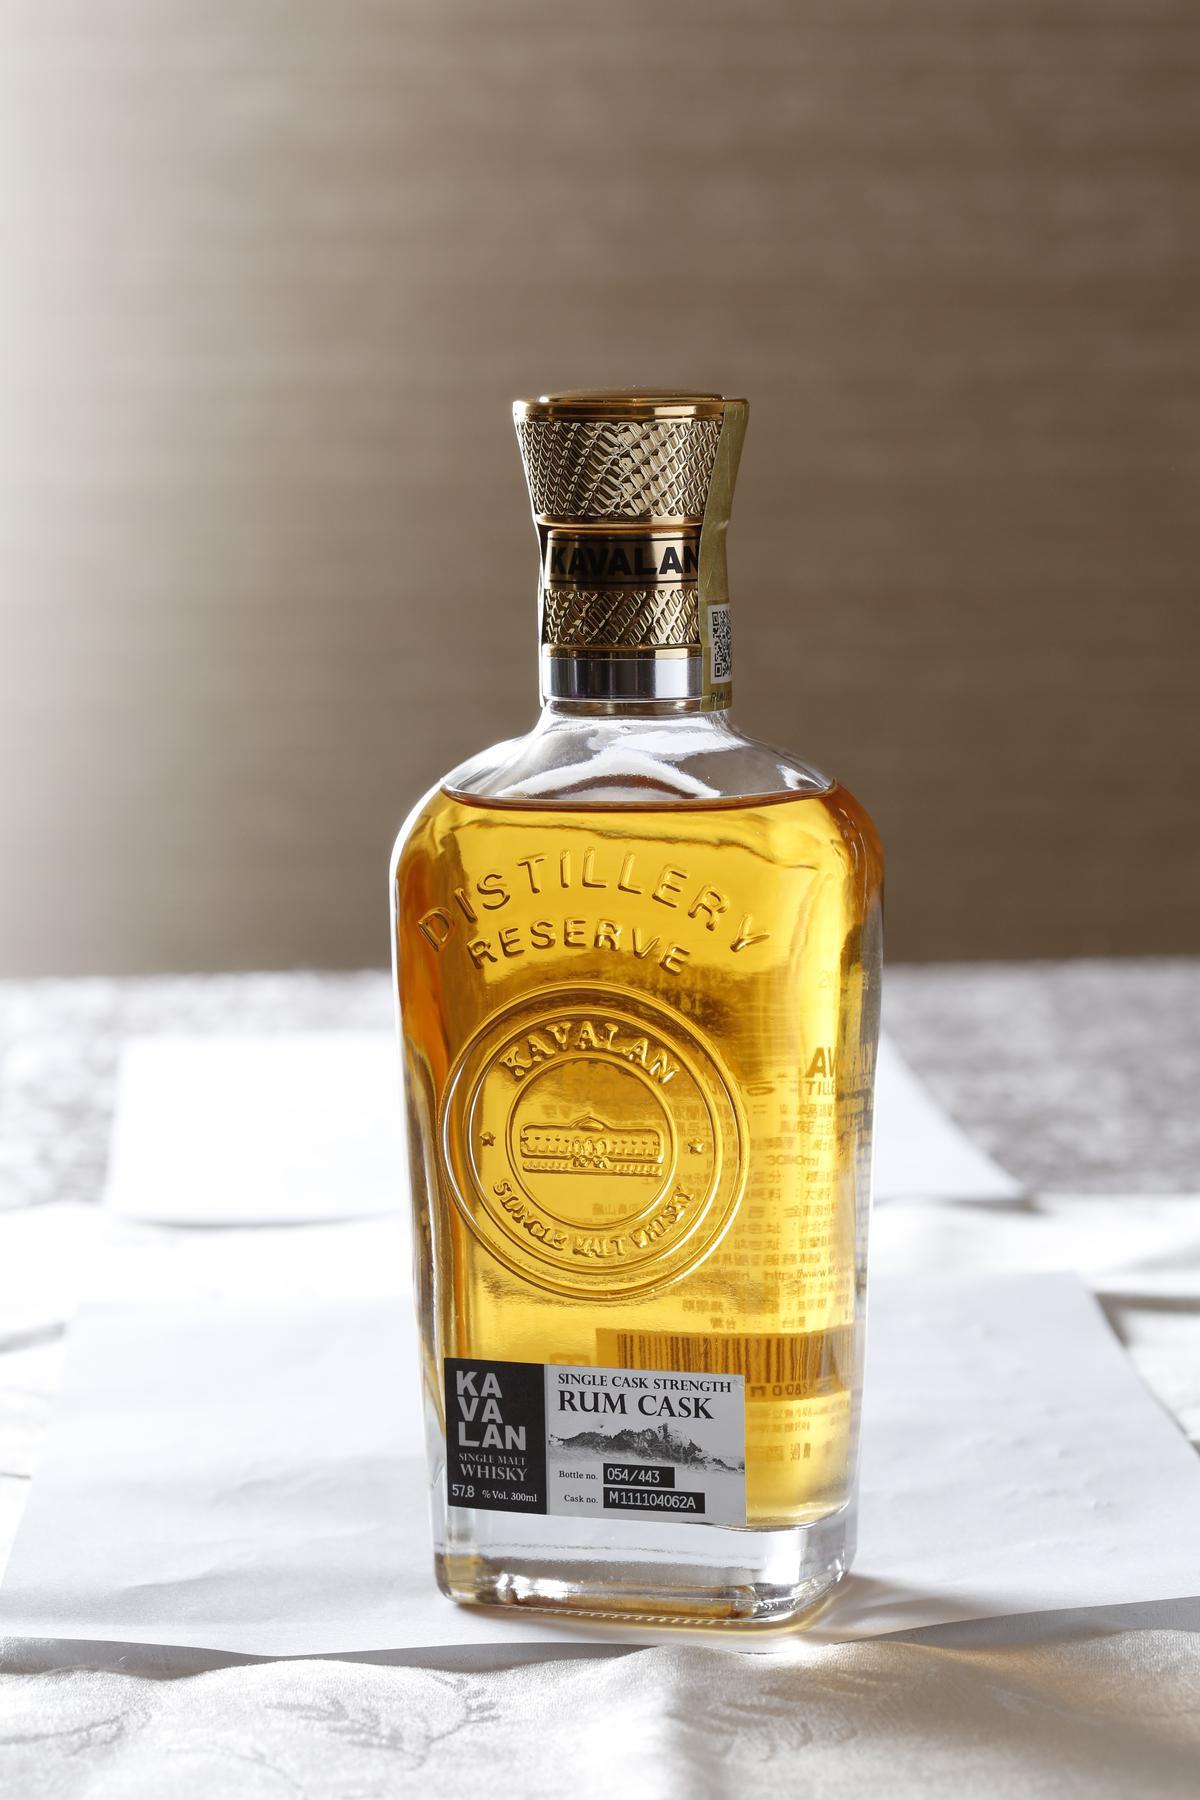 以尼加拉瓜的蘭姆酒桶熟成的噶瑪蘭酒廠珍藏版「蘭姆桶」單一麥芽威士忌原酒,除了熱帶水果味,多了更多辛香料、草本的味道。(1,600元/瓶)